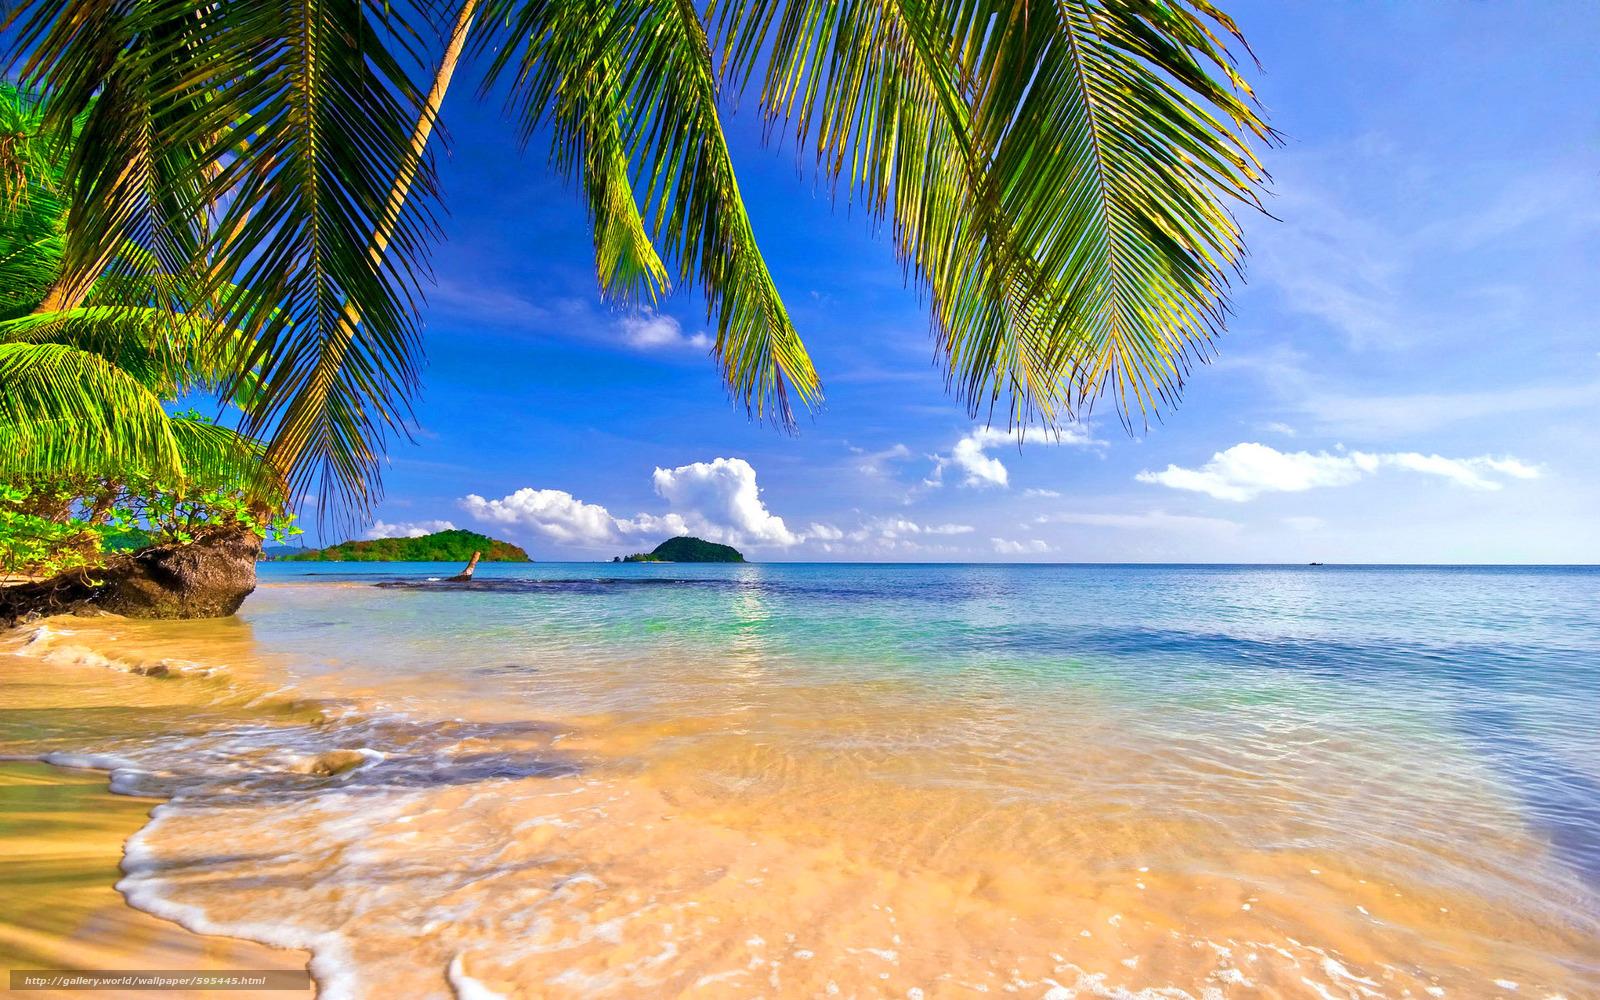 Scaricare gli sfondi mare puntellare palme paesaggio for Foto per desktop mare